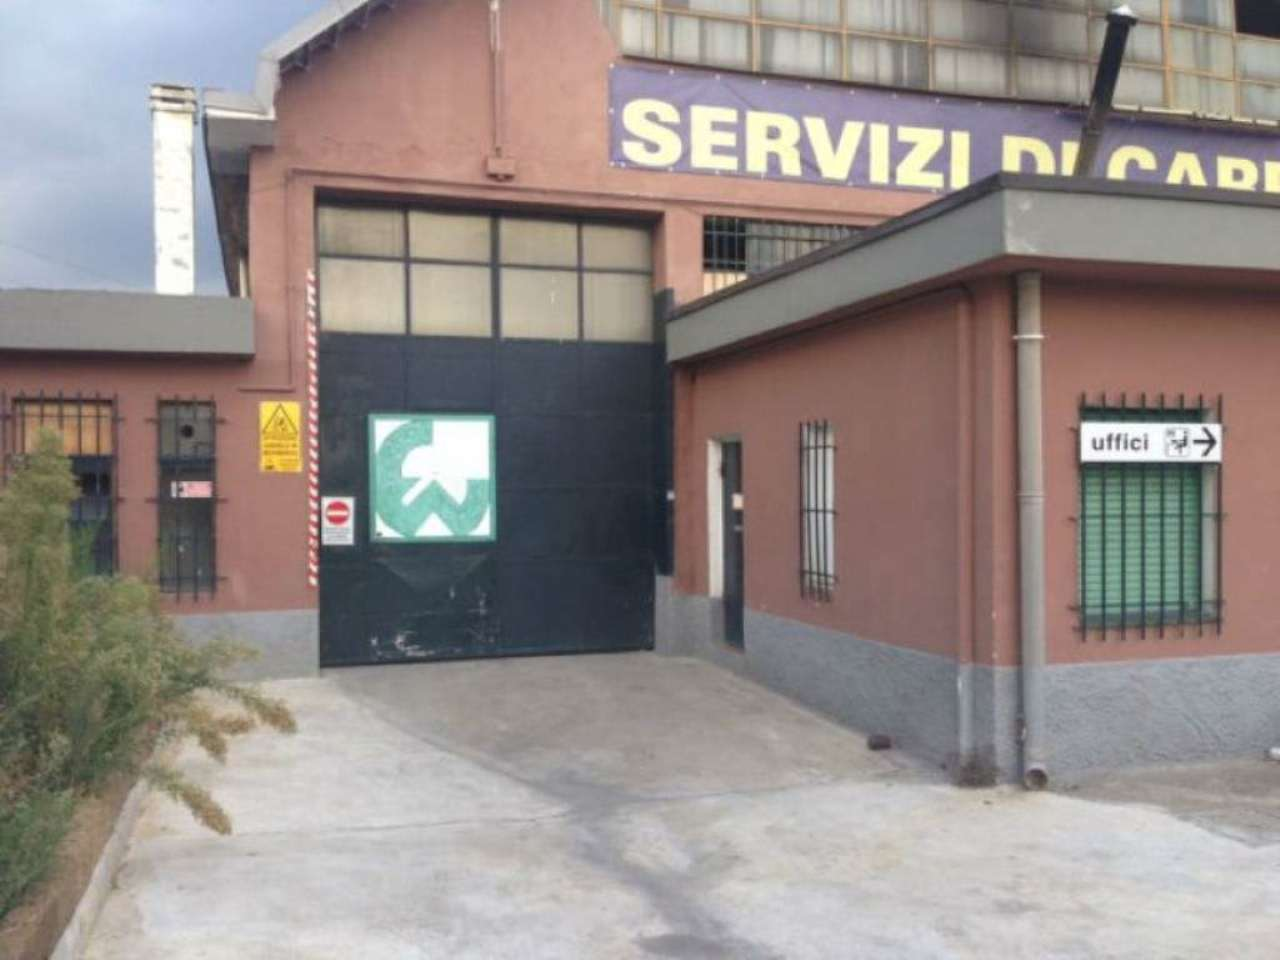 Capannone in vendita a Pioltello, 1 locali, prezzo € 600.000 | Cambio Casa.it